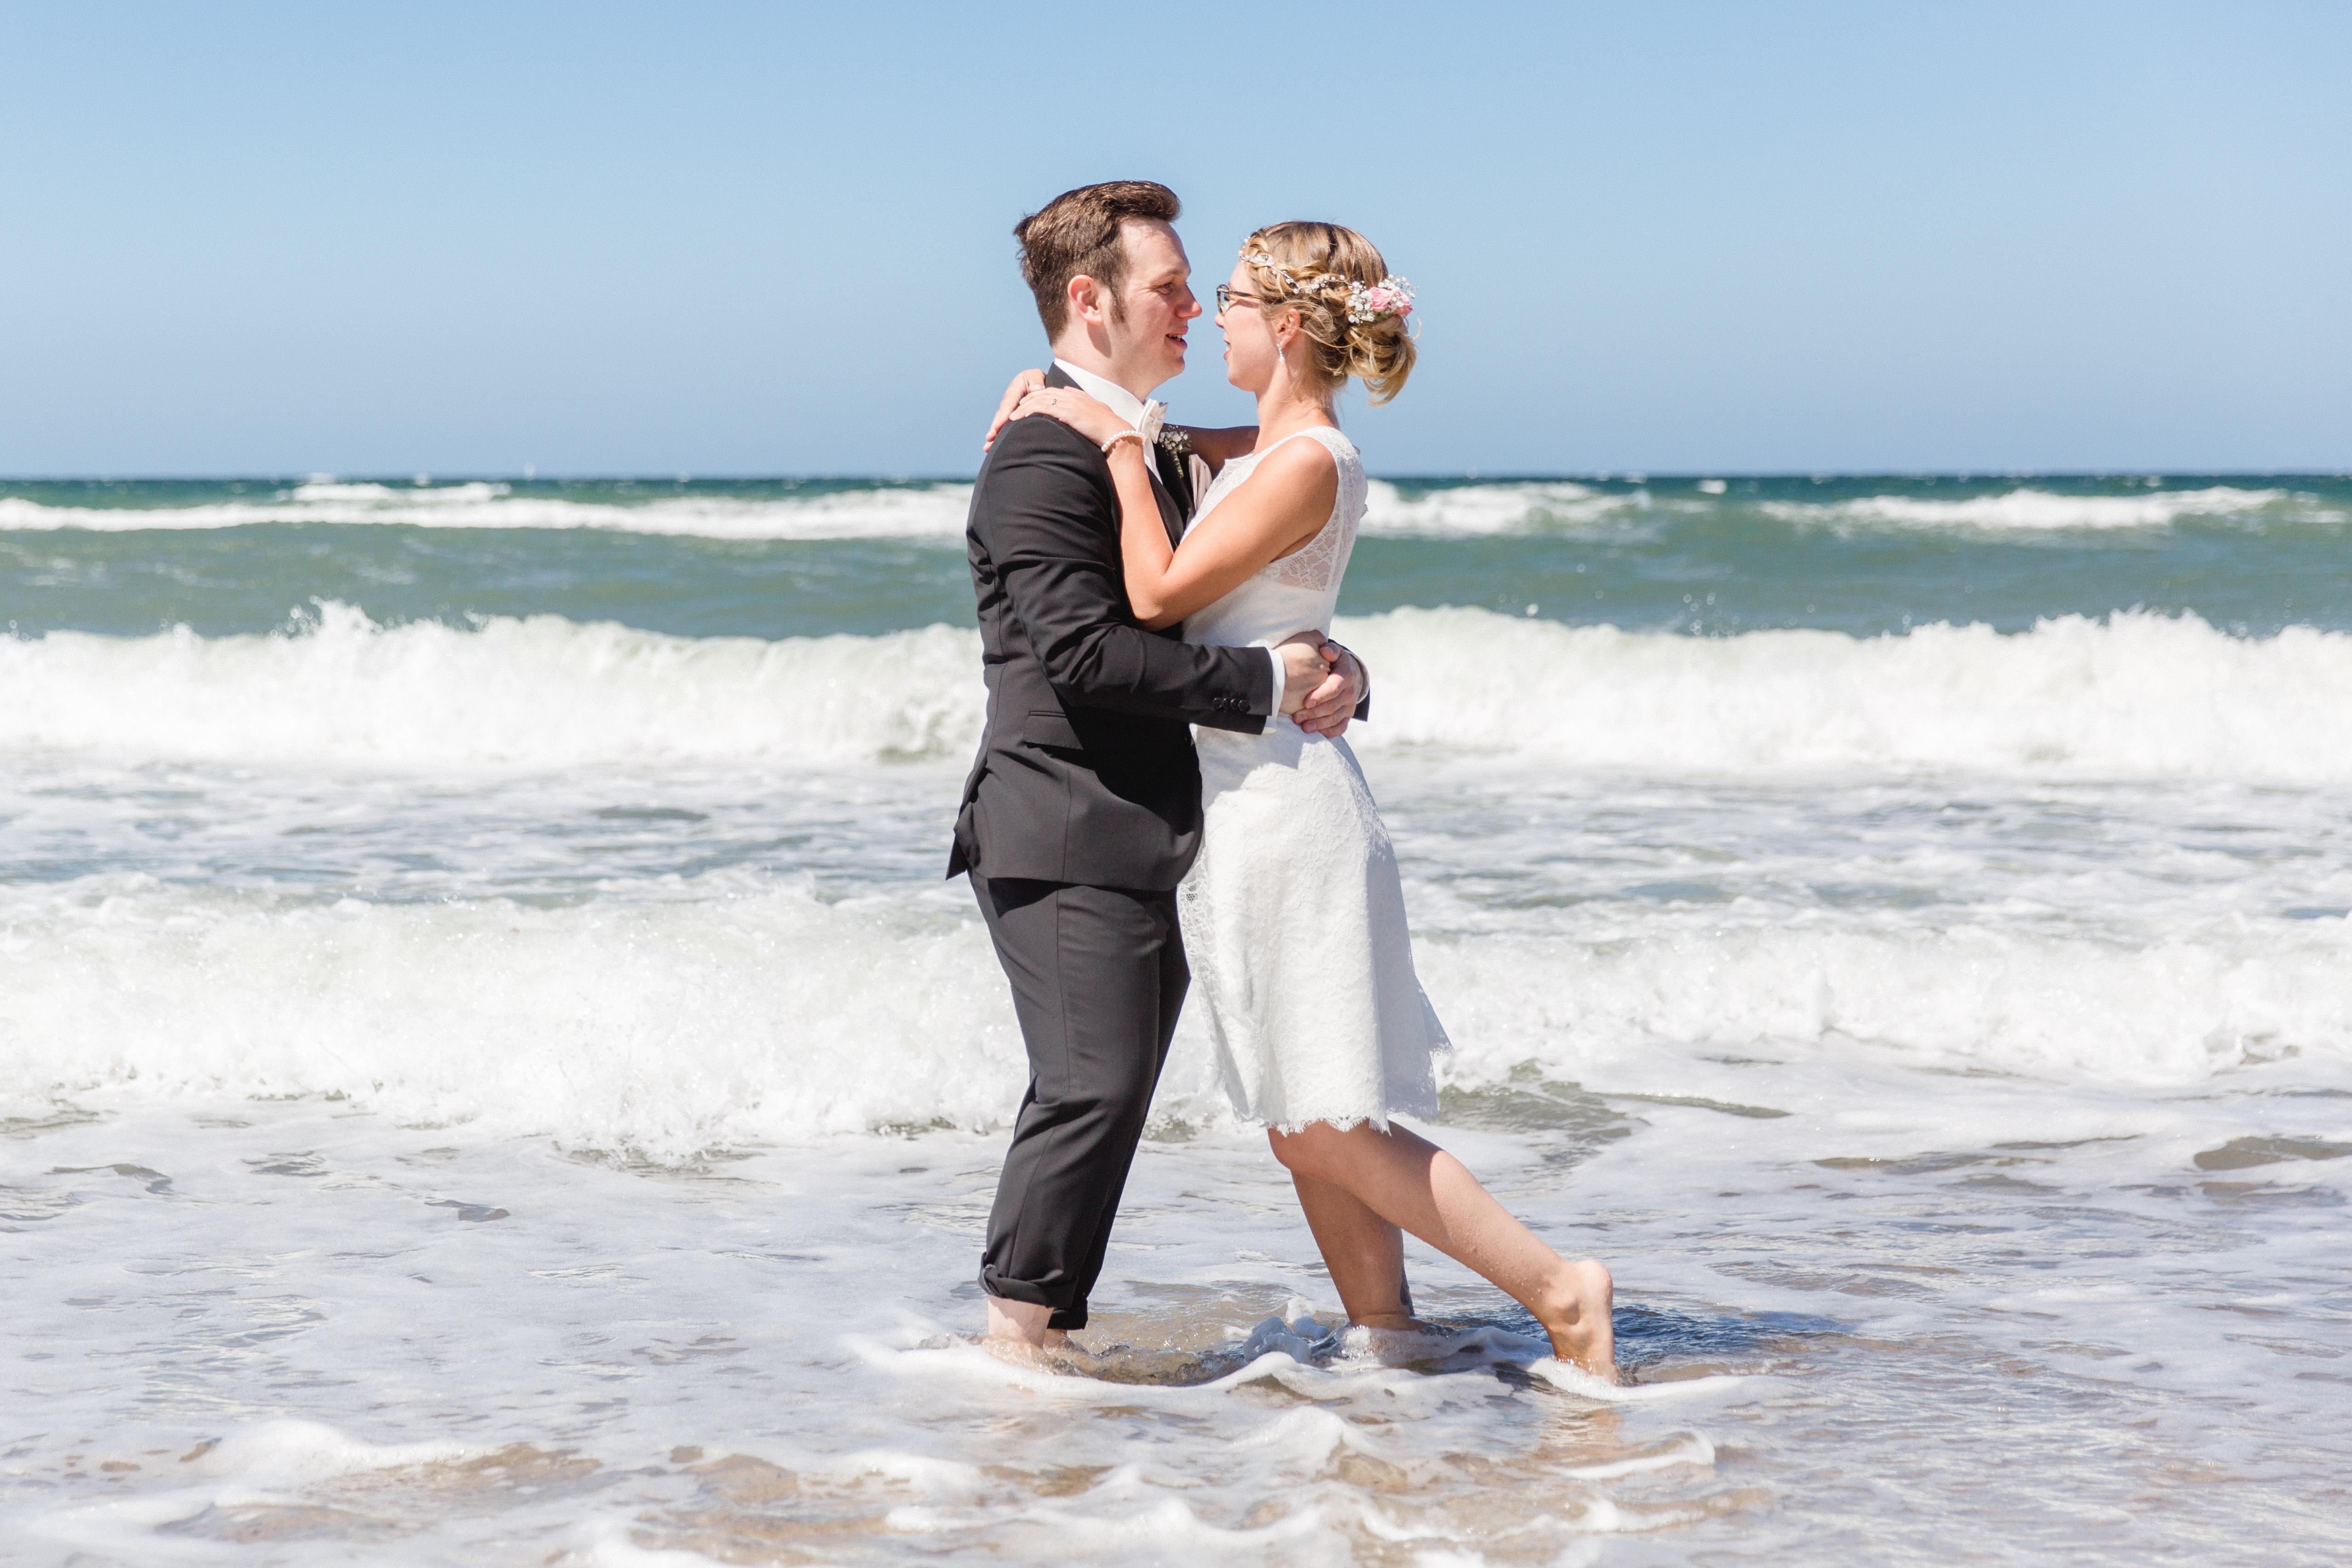 Brautpaar beim Fotoshooting in der Ostsee.